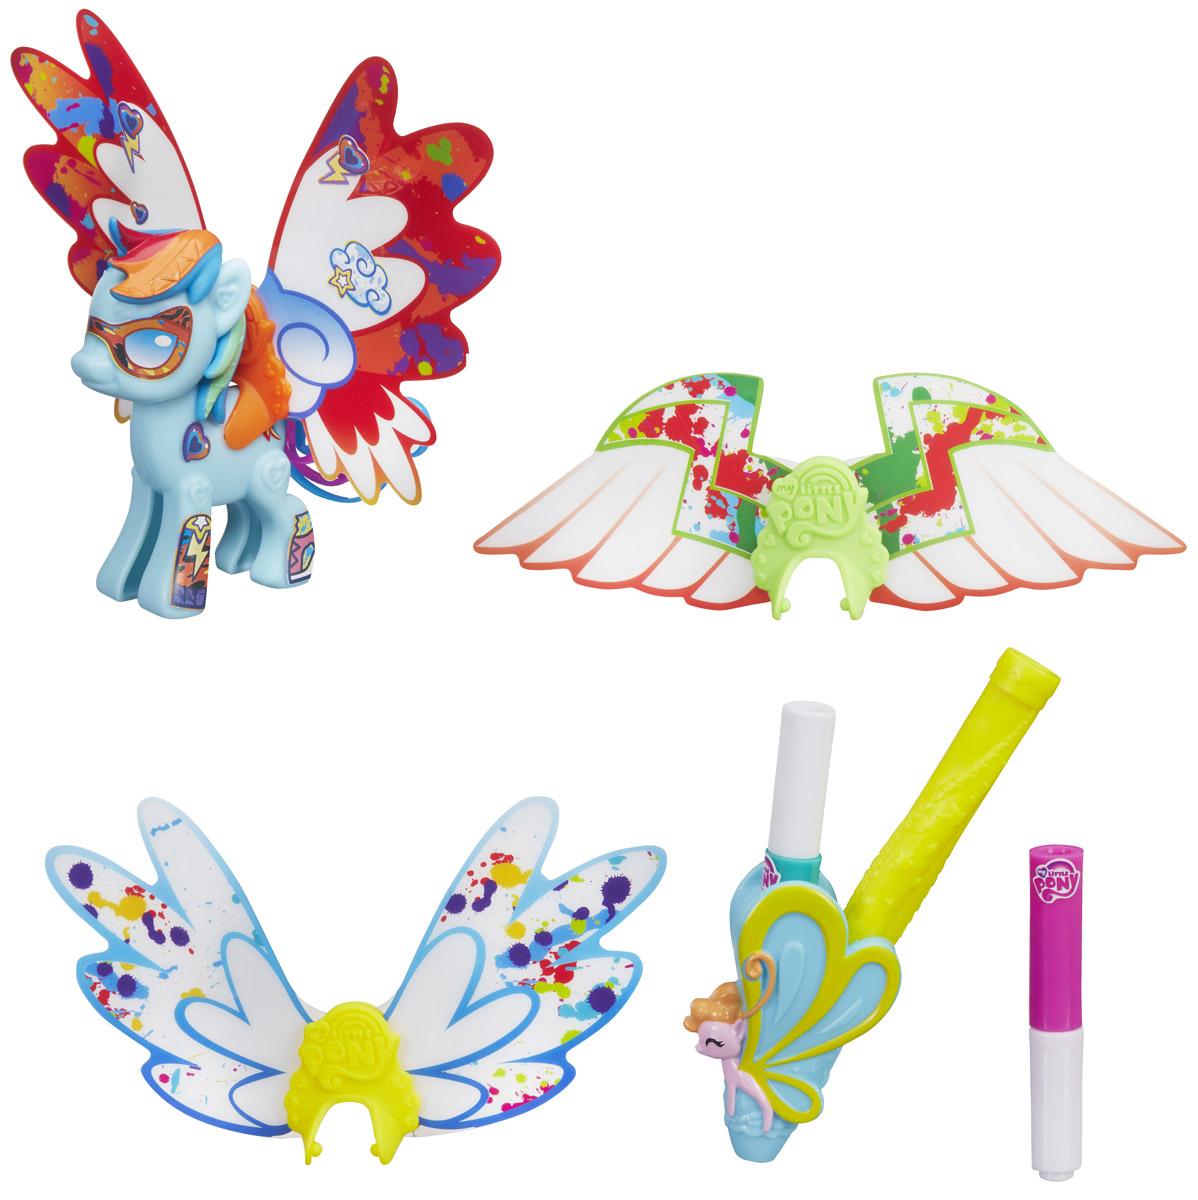 My Little Pony Фигурка Создай свою пони с крыльями Rainbow DashB3590EU4_B5678Фигурка My Little Pony Создай свою пони с крыльями. Rainbow Dash - это отличный набор для развития творческих способностей маленькой модницы. В наборе имеются элементы для сборки лошадки из популярного мультсериала Дружба – это чудо, а также набор аксессуаров для ее украшения. А также в наборе вы найдете: три пары разных крыльев (отличаются формой и узорами), разноцветные маркеры и наклейки. Раскрасьте крылья, подберите нужные стикеры и создайте свой уникальный образ стильной пони. Ваша малышка будет в восторге от такого подарка!